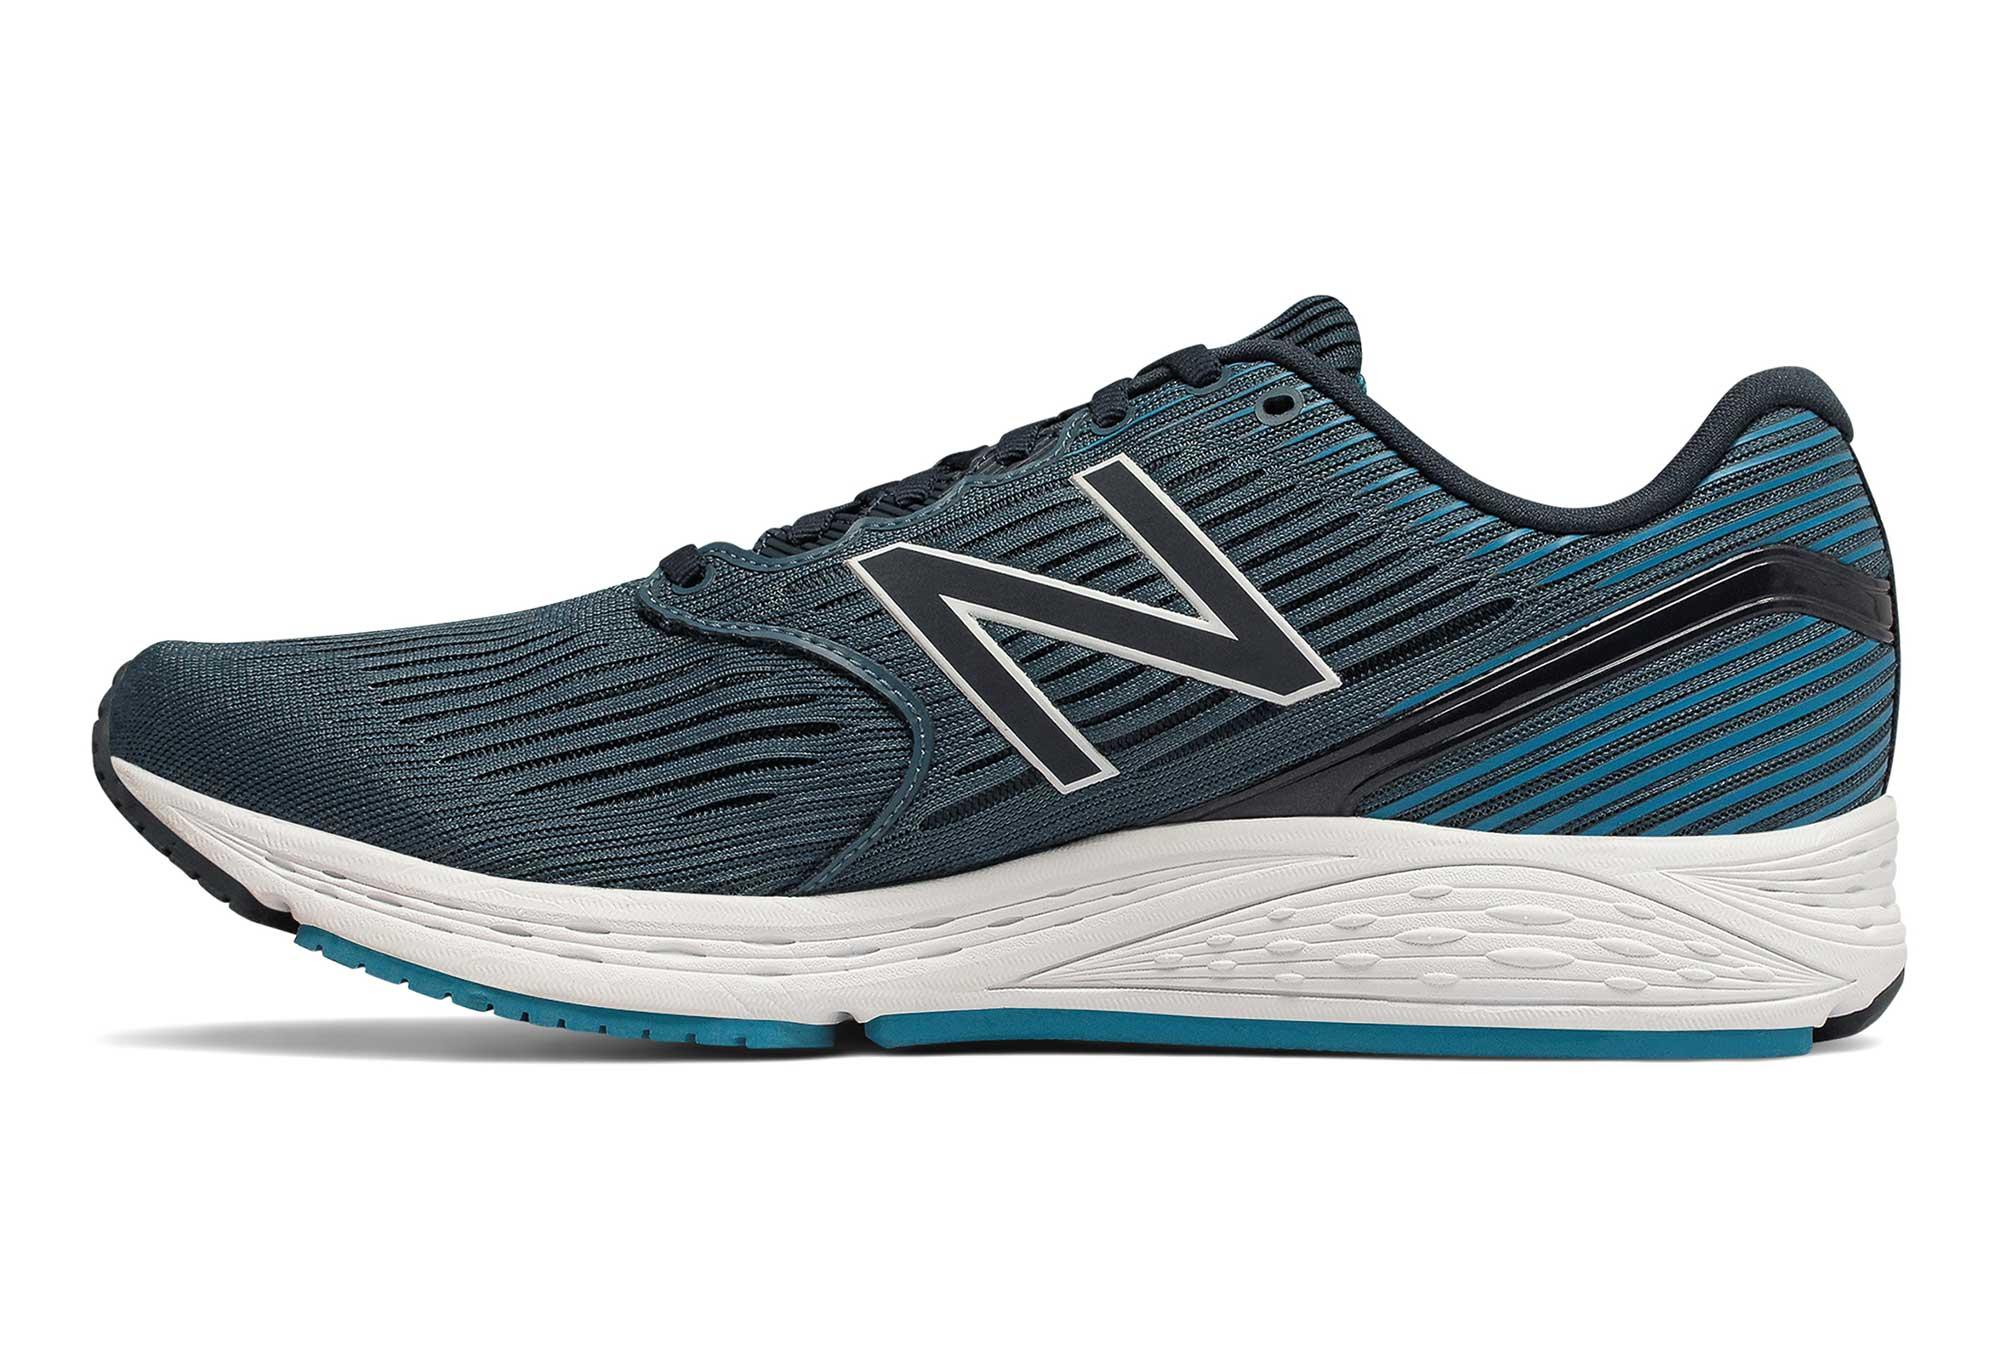 New Balance 890 V6 GrisAzul . Envío gratis 24h | Marathonia